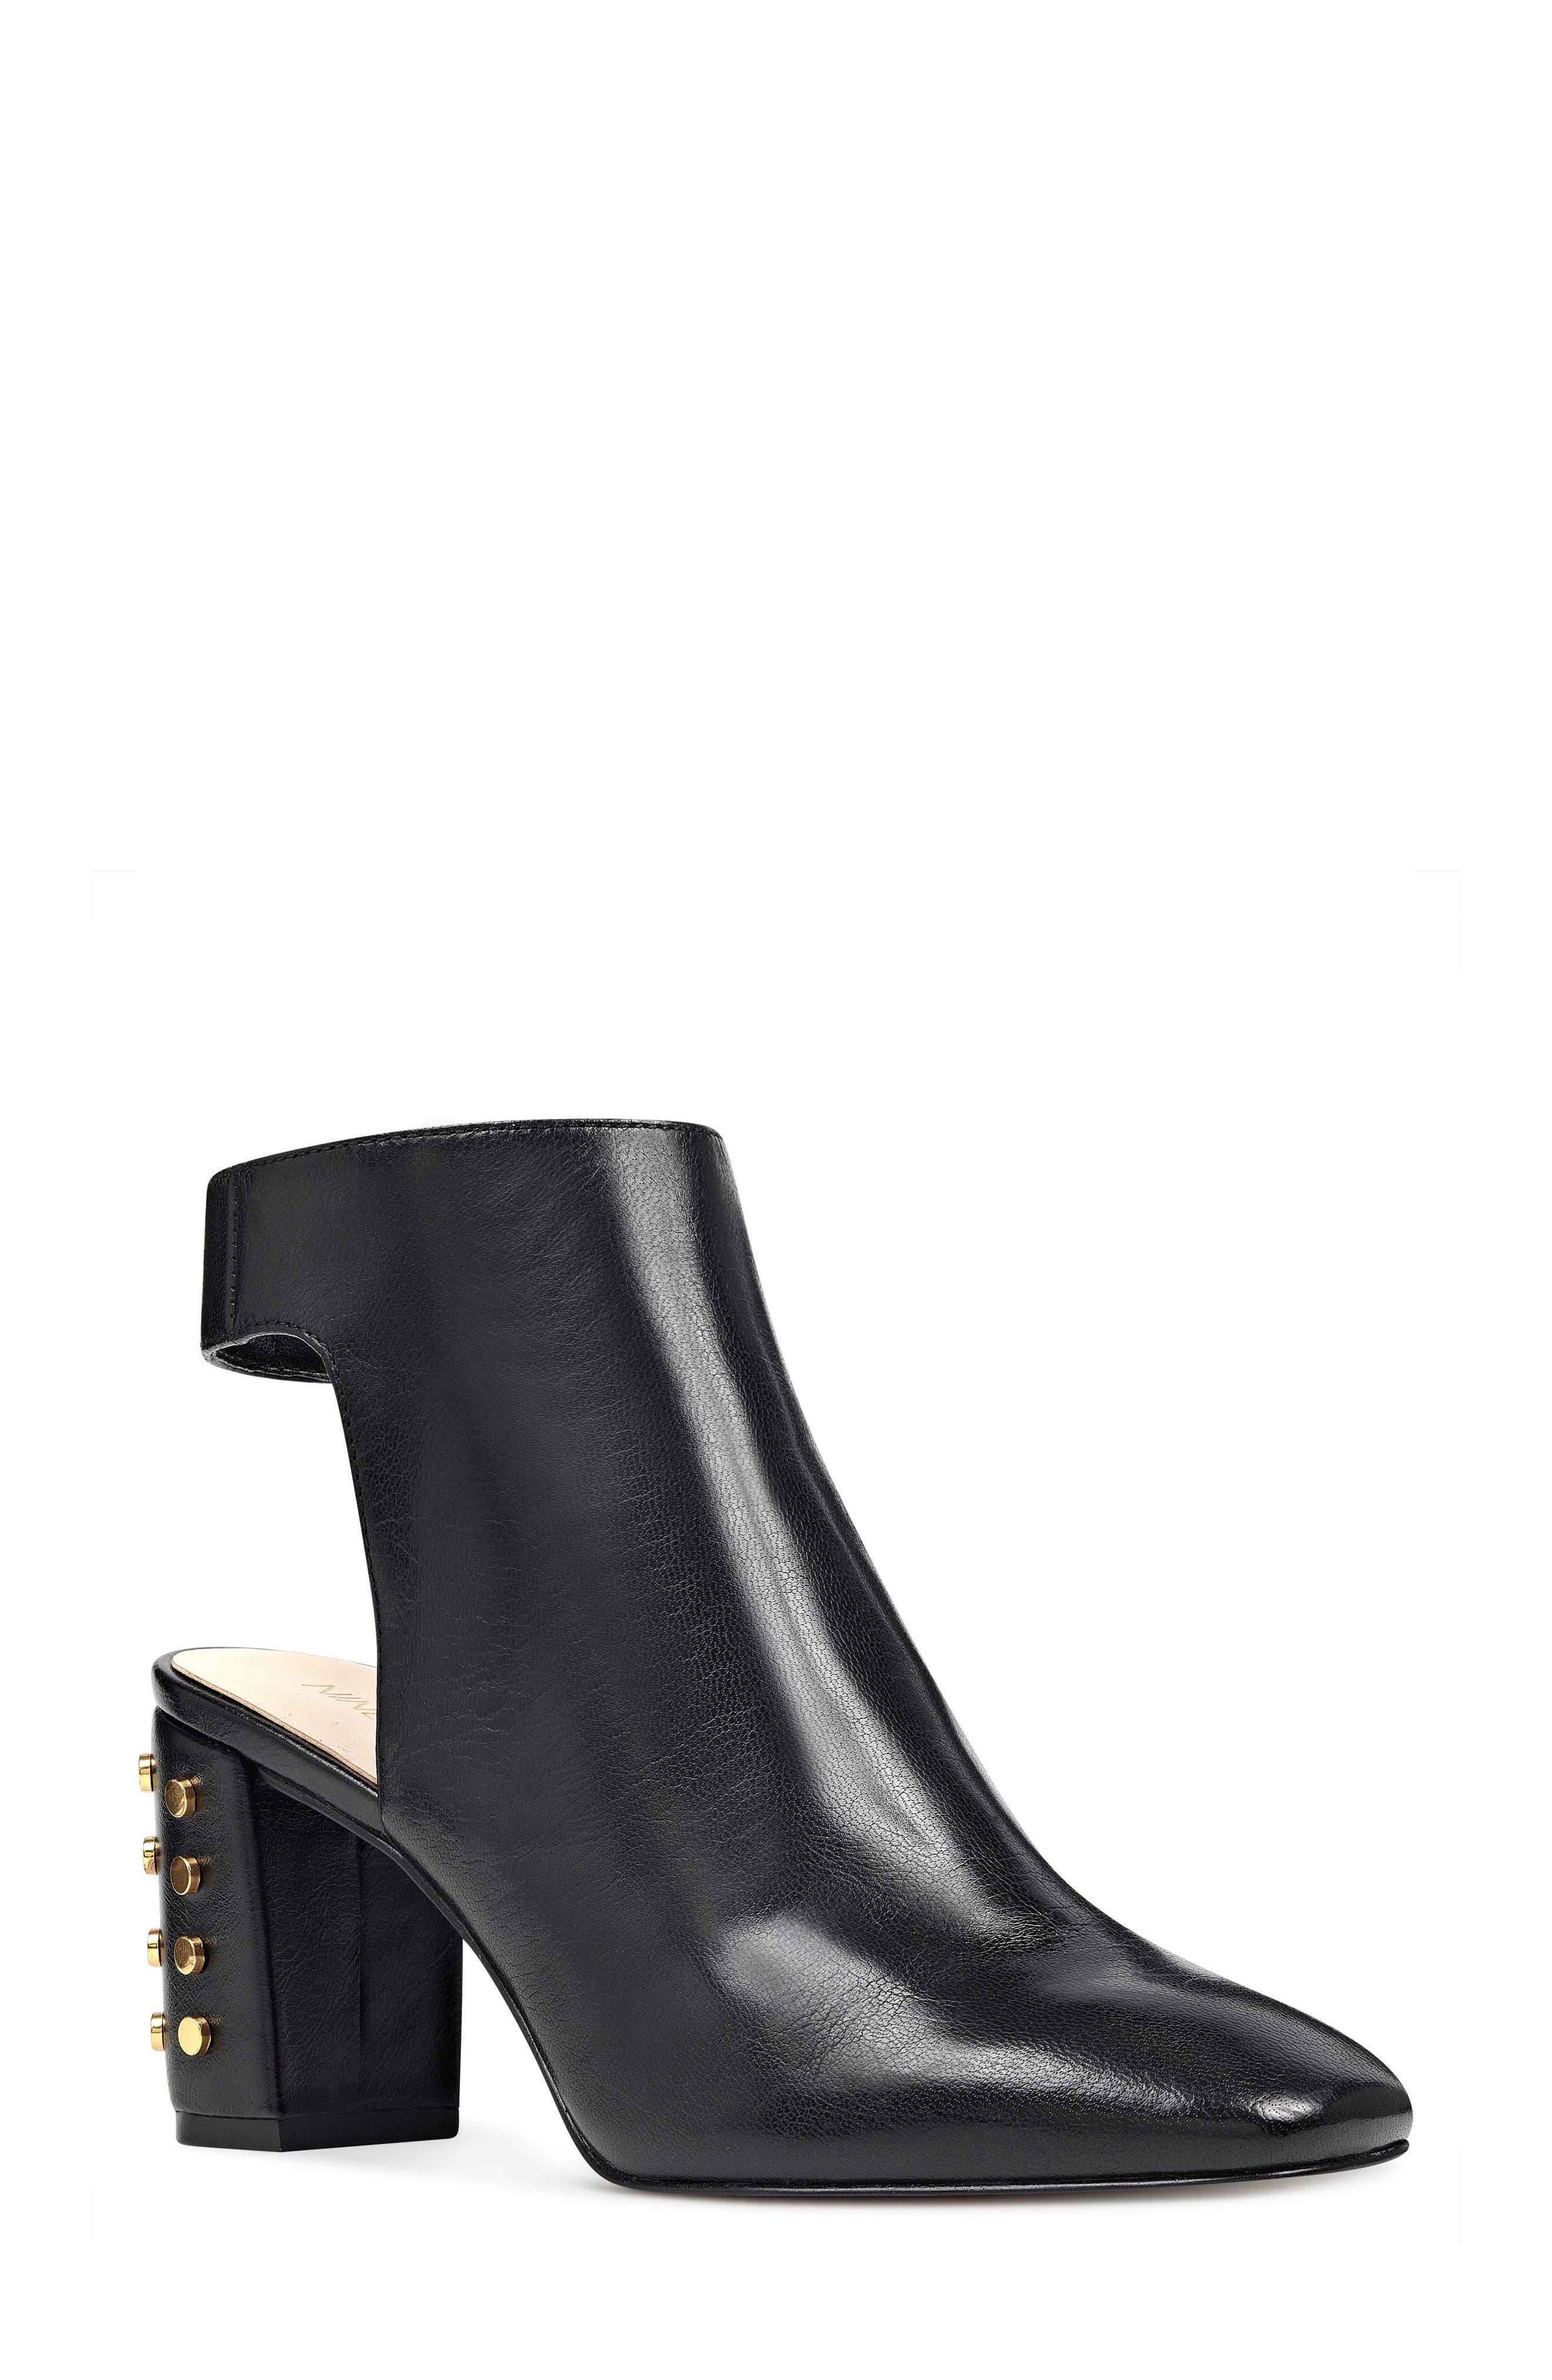 Xtravert Bootie,                         Main,                         color, Black Leather